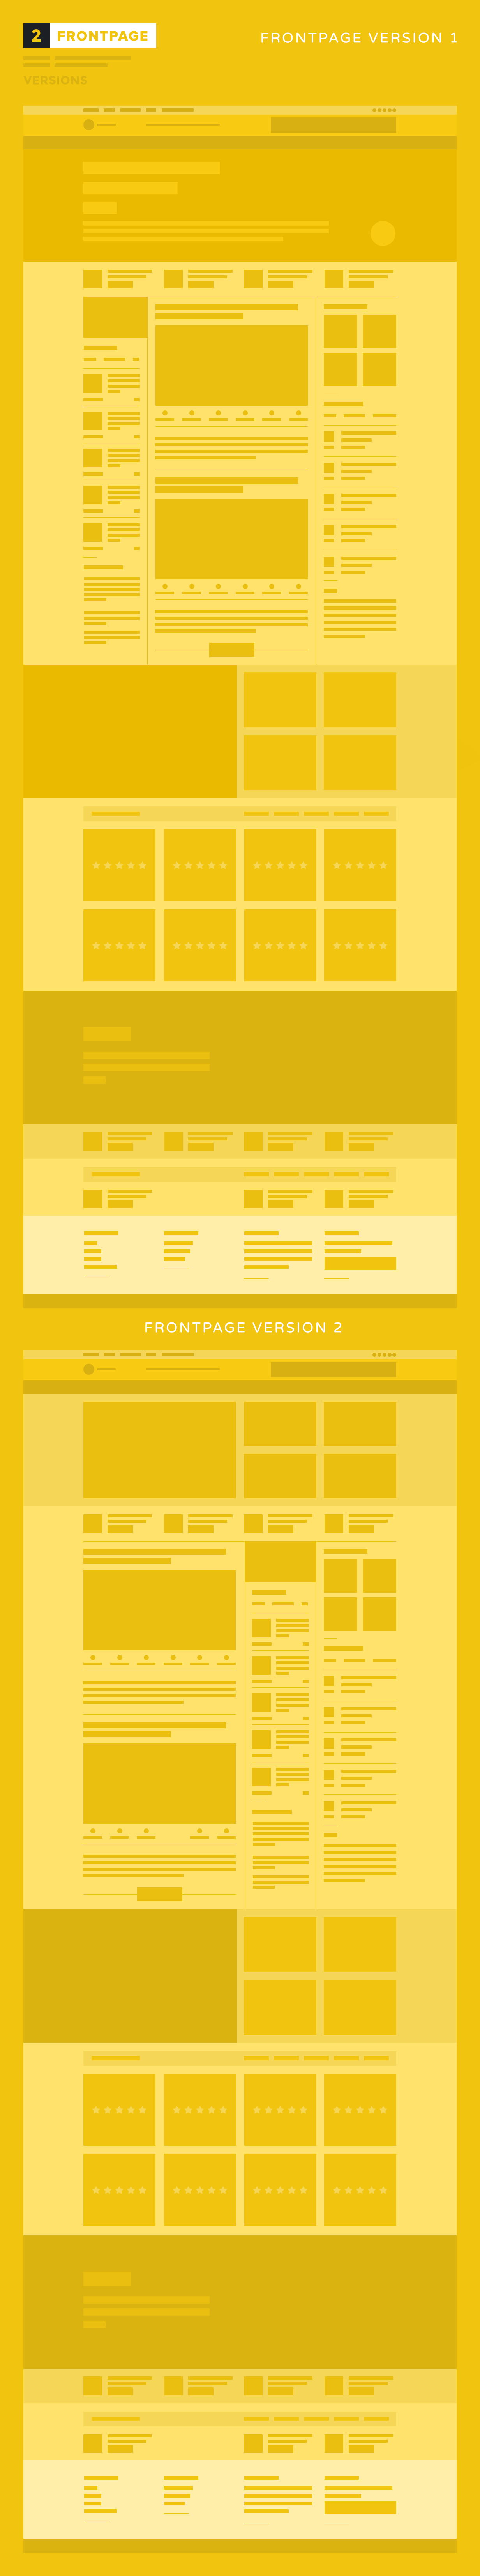 Wagazine - Revista y comentarios Tema adaptable de WordPress - 3